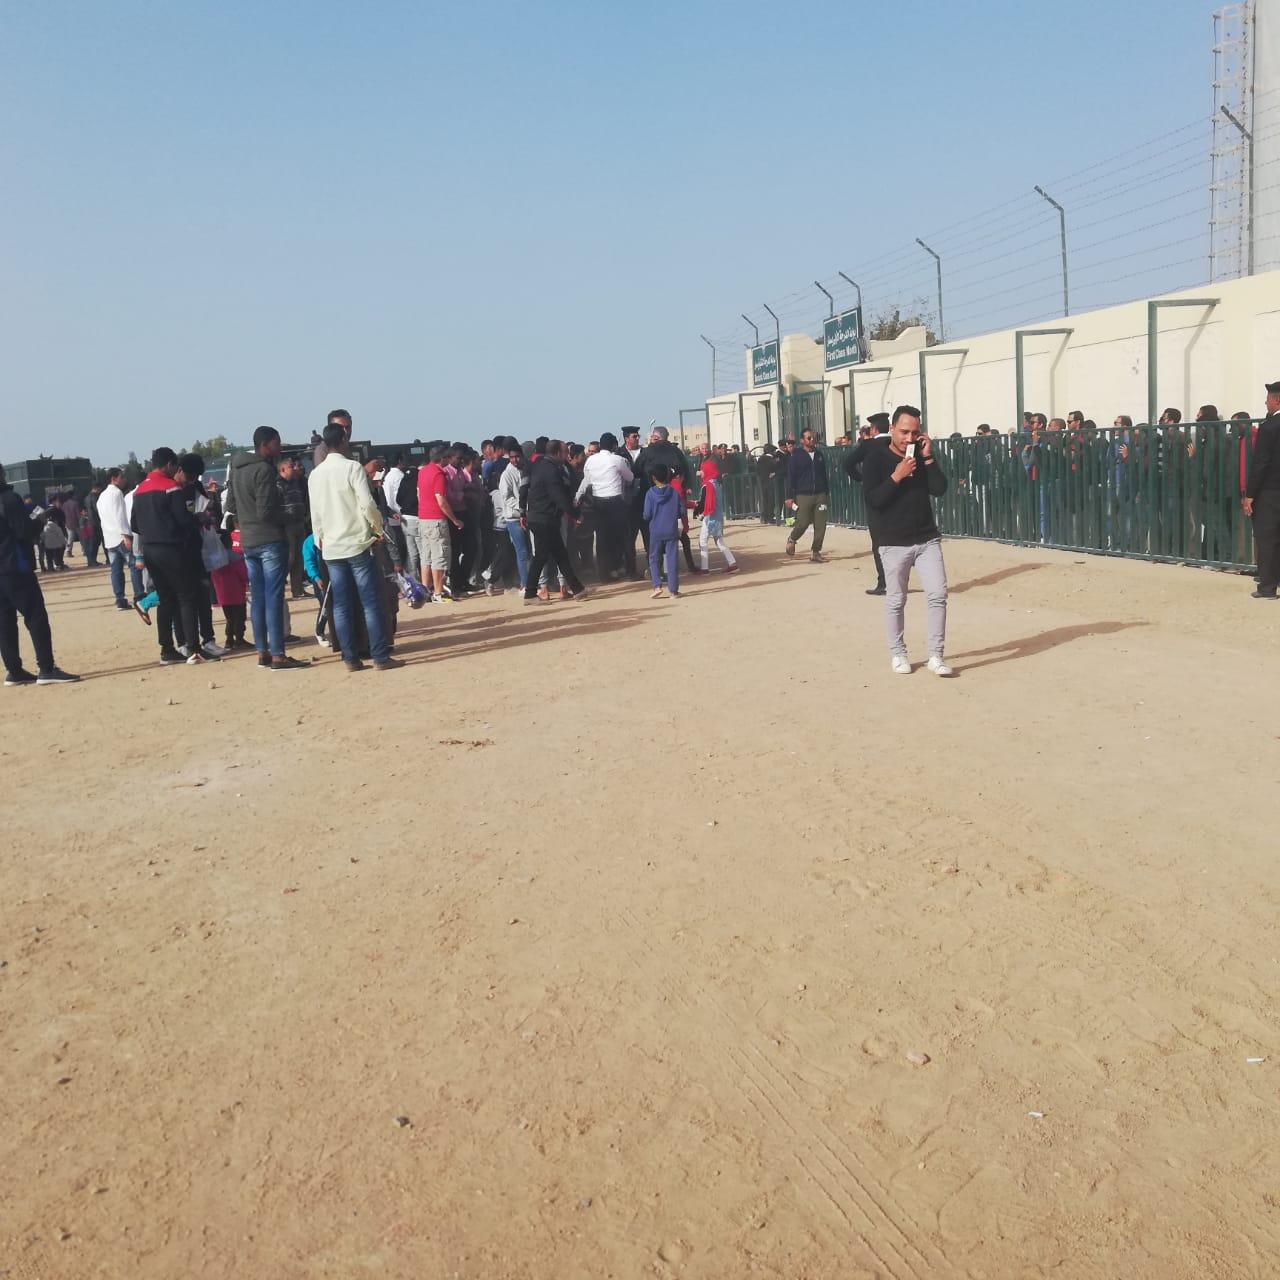 زحام شديد علي بوابات استاد الجونة قبل مباراة الأهلي (4)